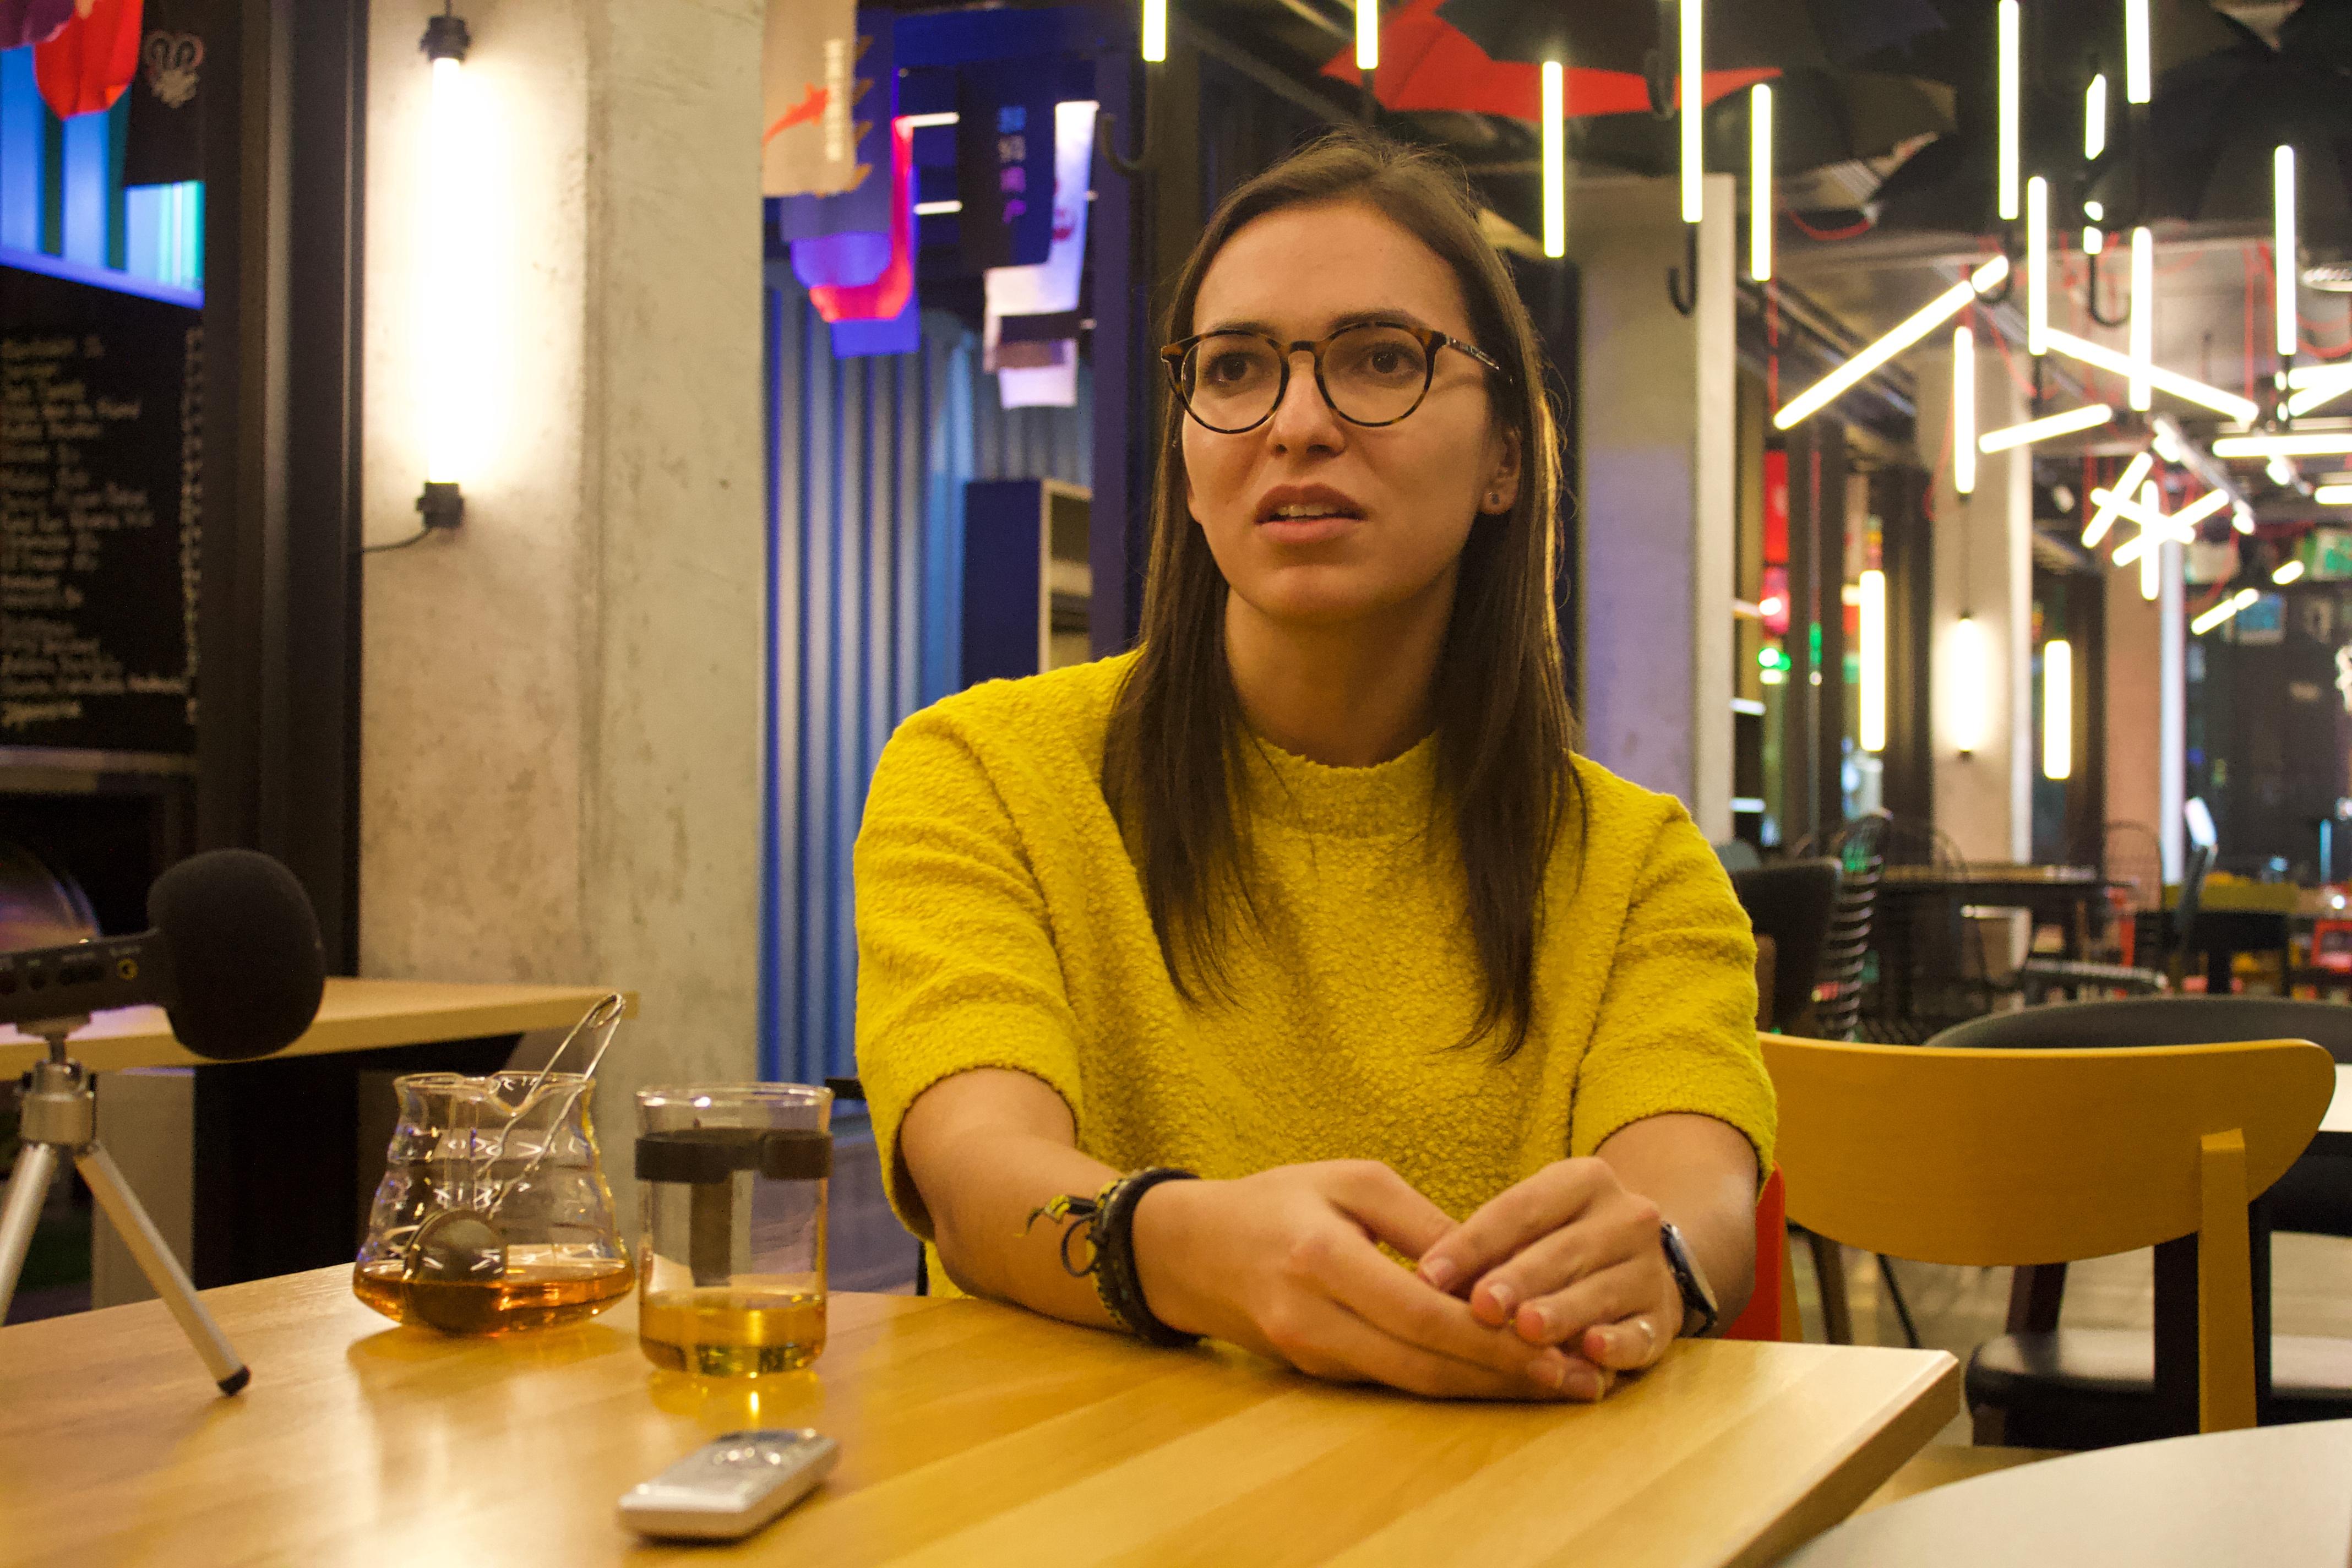 Gretka Pavlovova